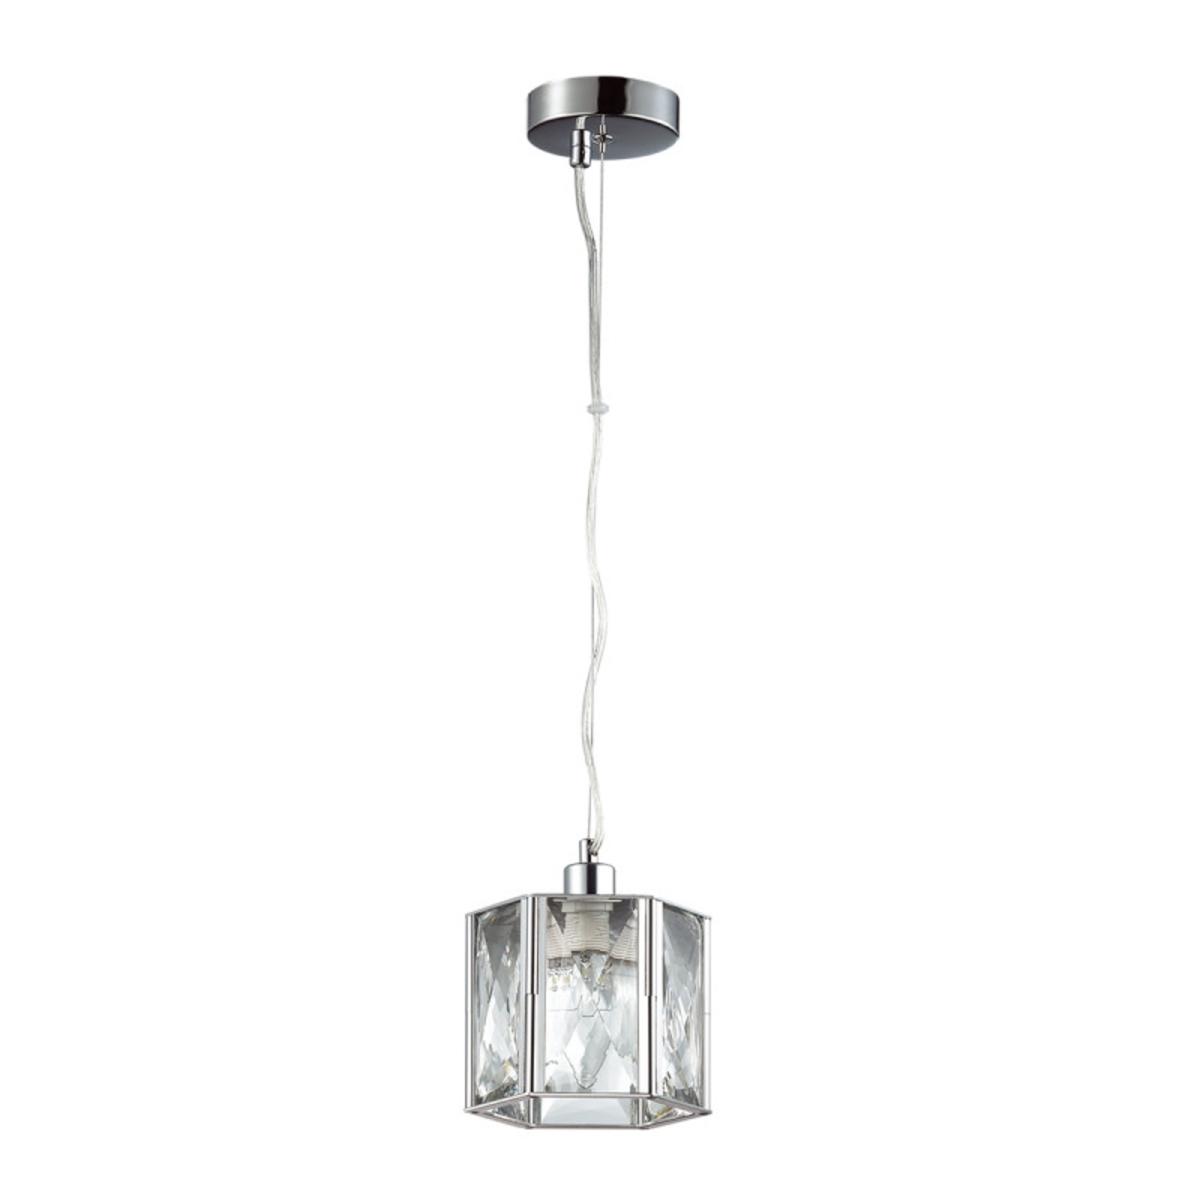 Купить Подвесной светильник BRITTANI Подвесной светильник Odeon Light 4119/1 (15577), HomeMe